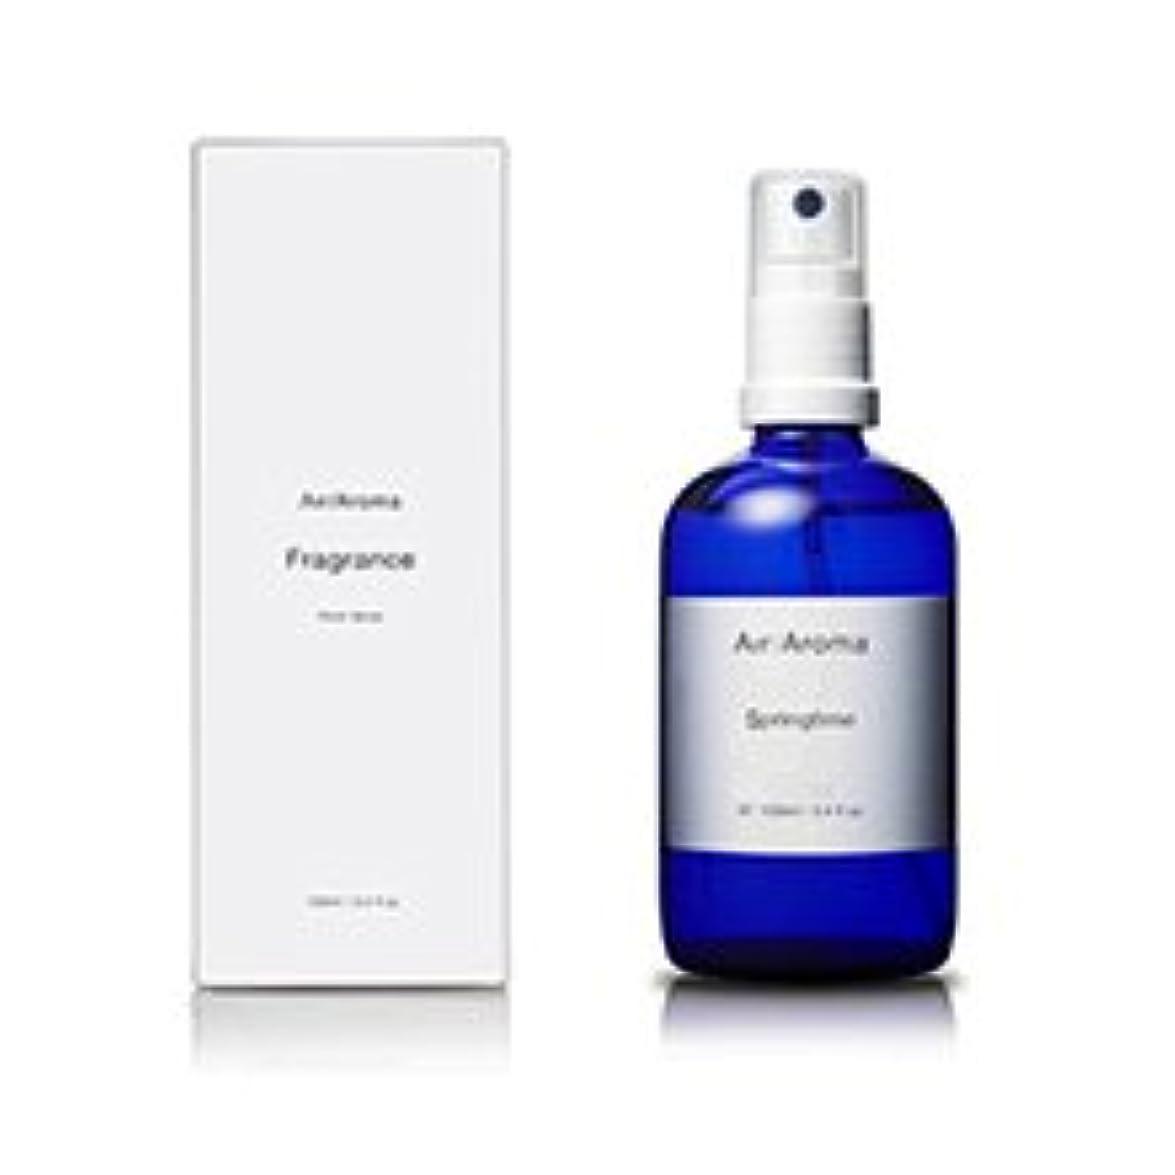 機関車ハイジャック鎮痛剤エアアロマ springtime room fragrance(スプリングタイム ルームフレグランス)100ml